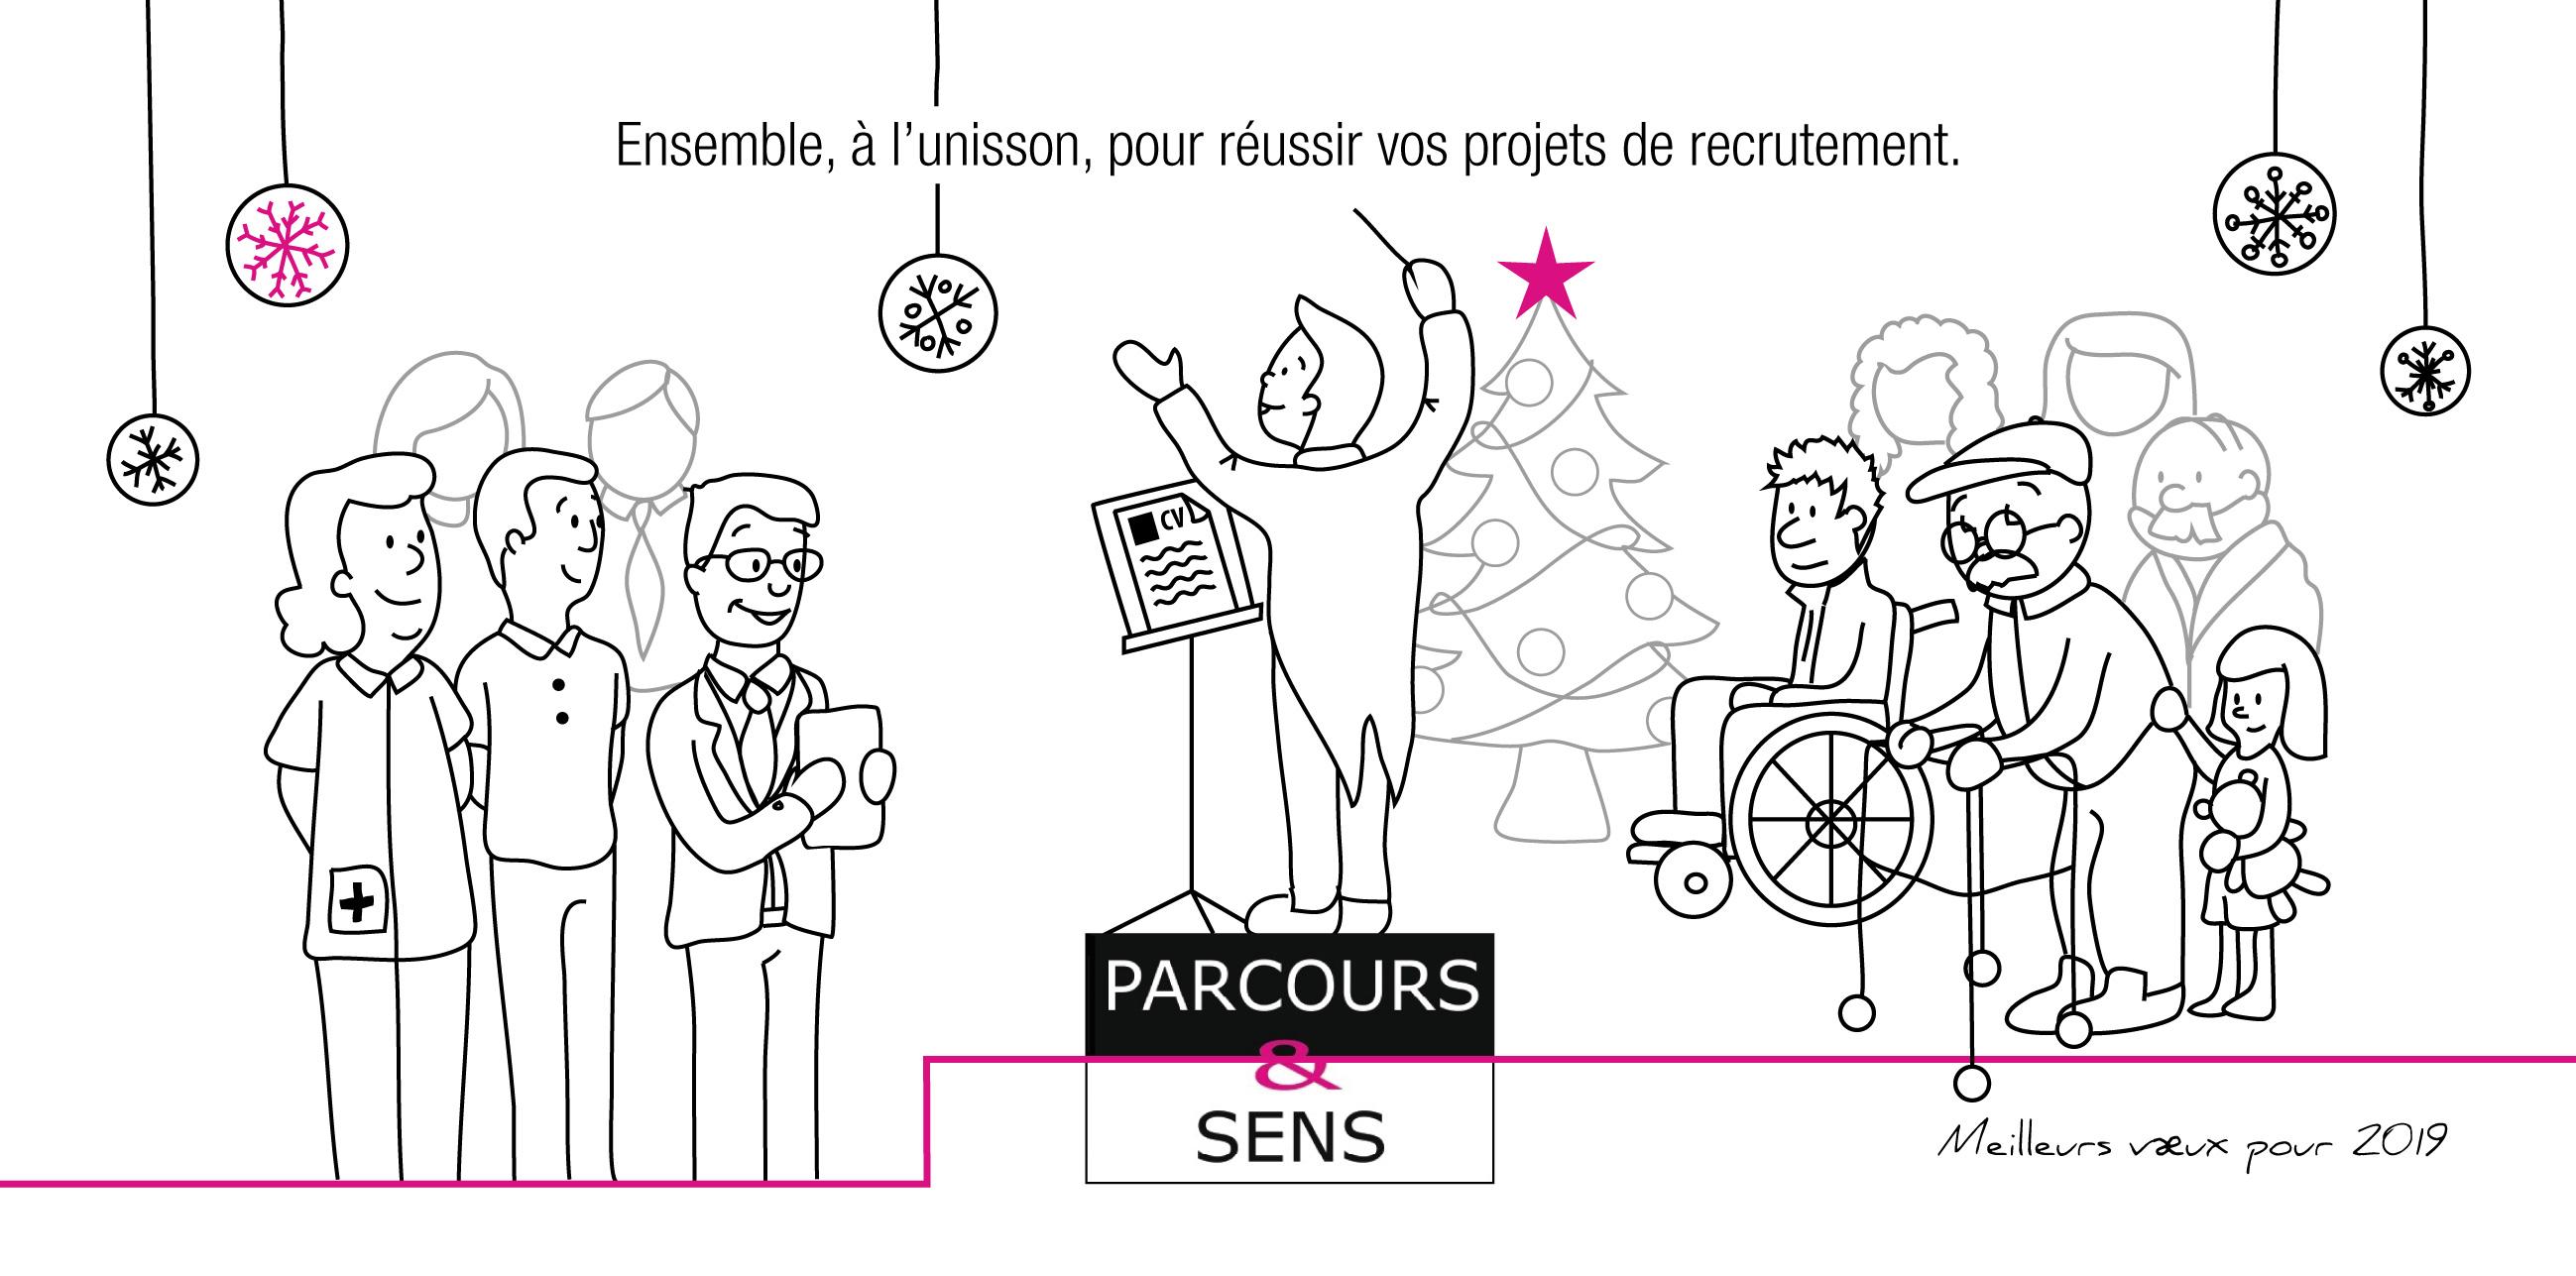 PARCOURS ET SENS - Carte de voeux fixe clients-01 (2)